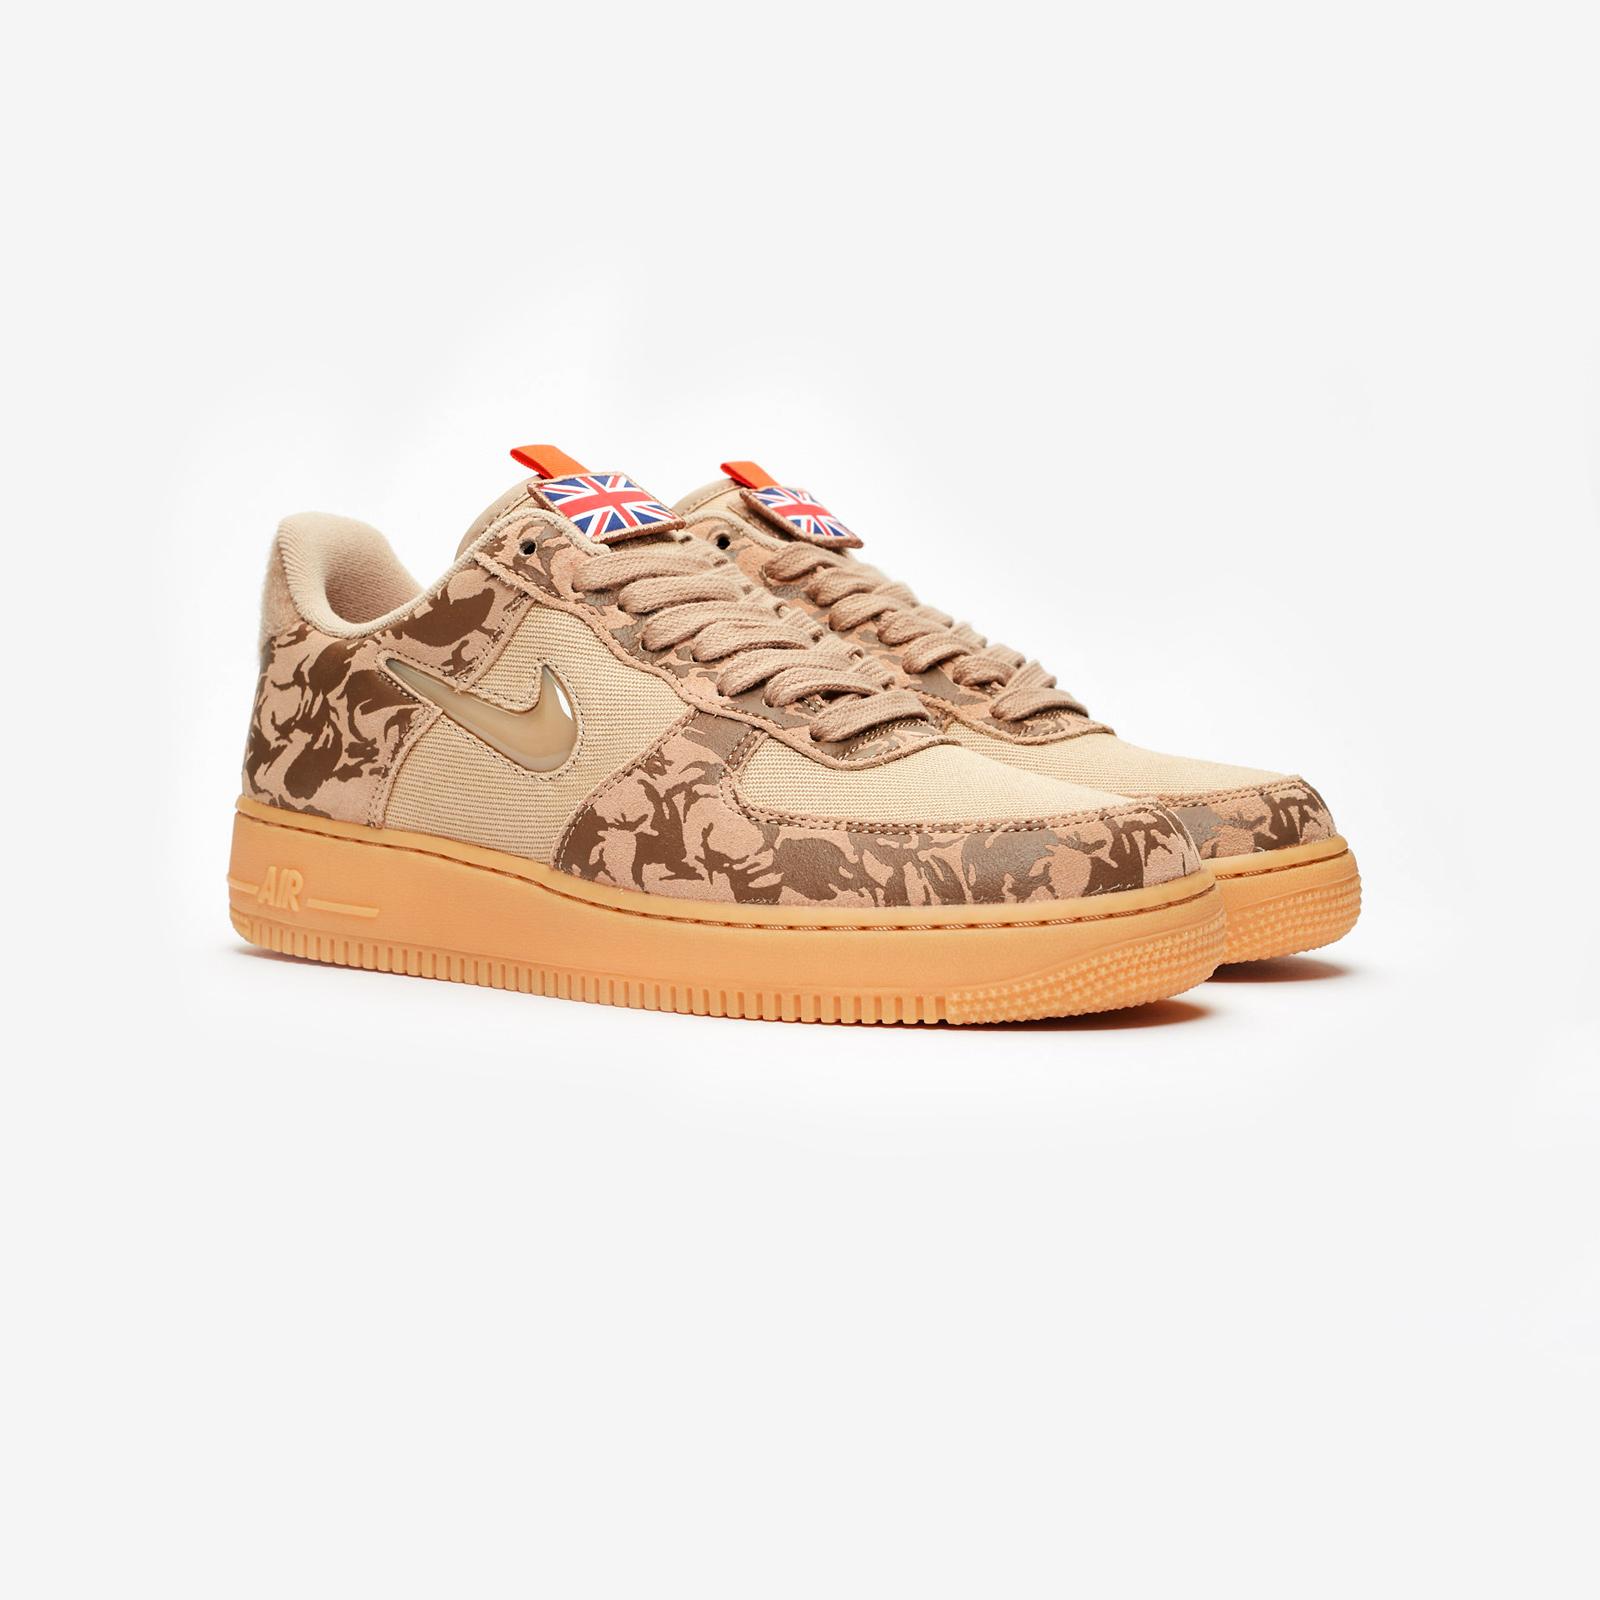 c3fcf39a8ba Nike Air Force 1 Jewel Lo - Av2585-200 - Sneakersnstuff